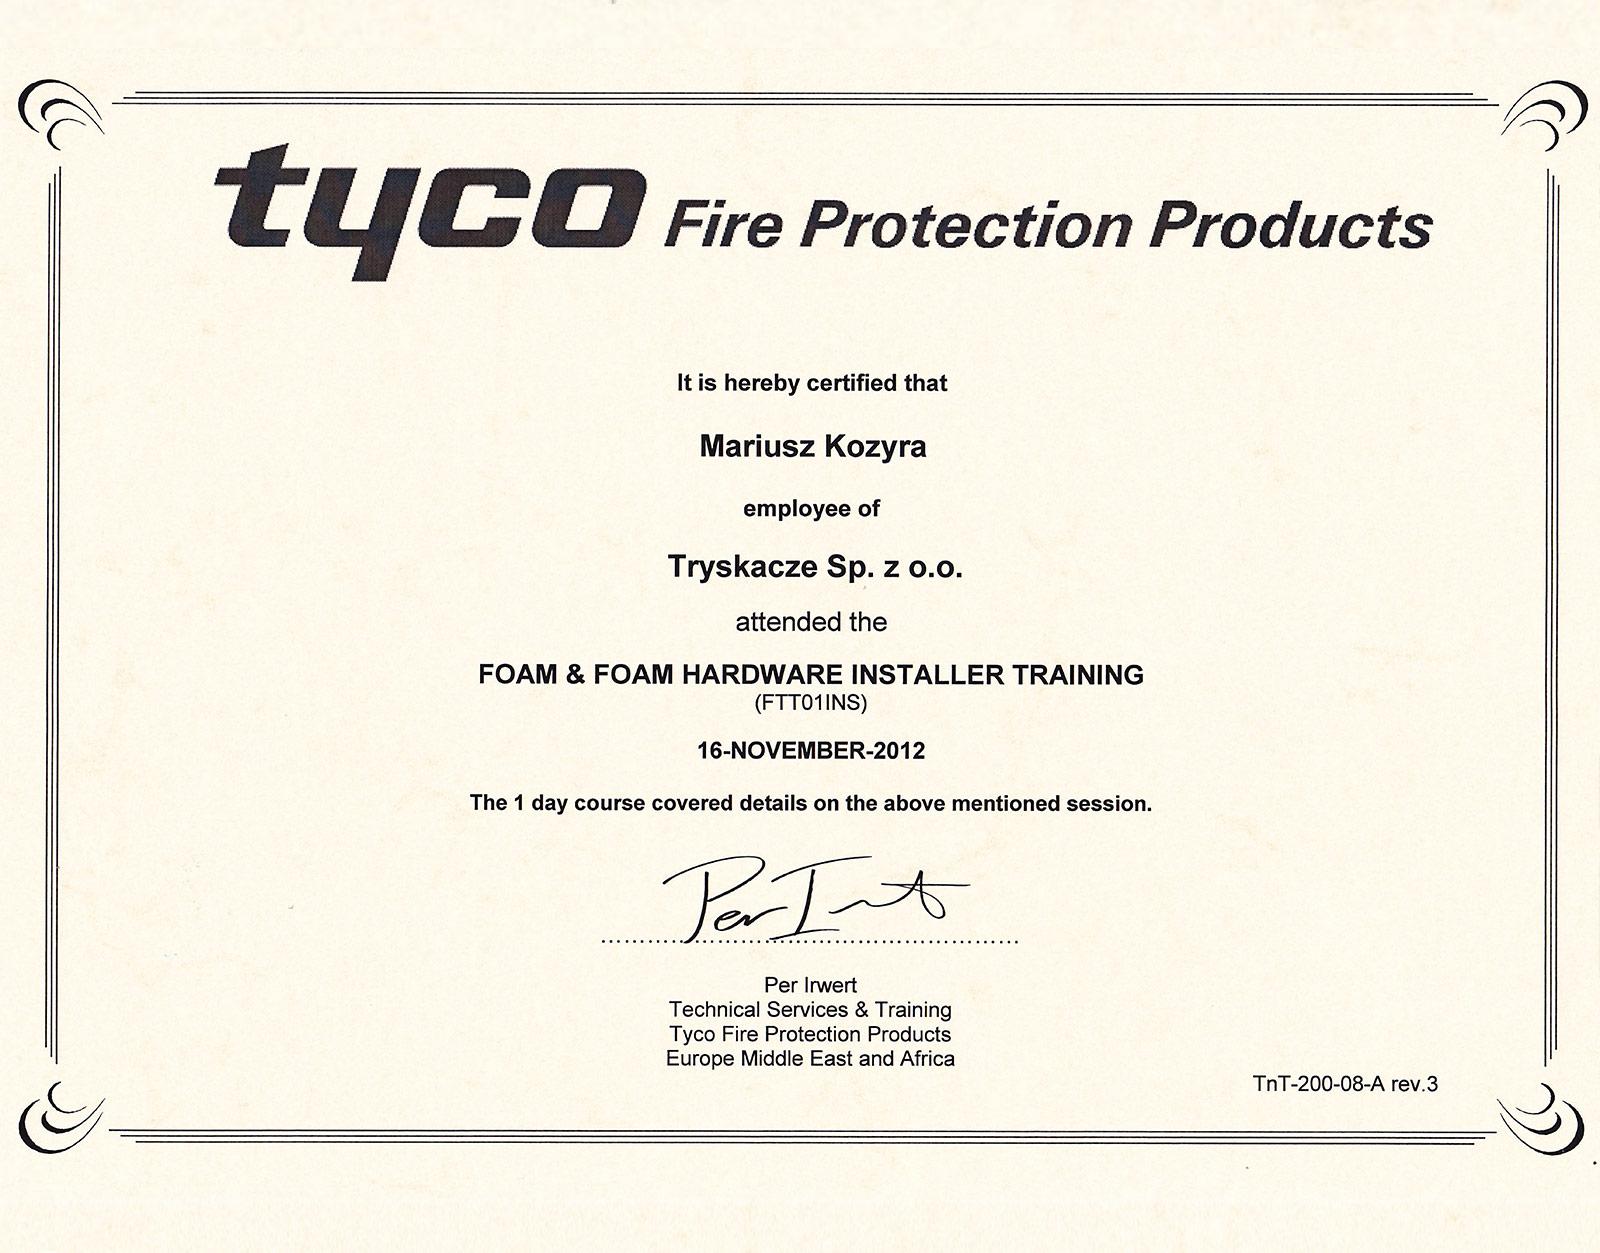 certyfikaty_tyco-mariusz-kozyra-ftt02fh-2